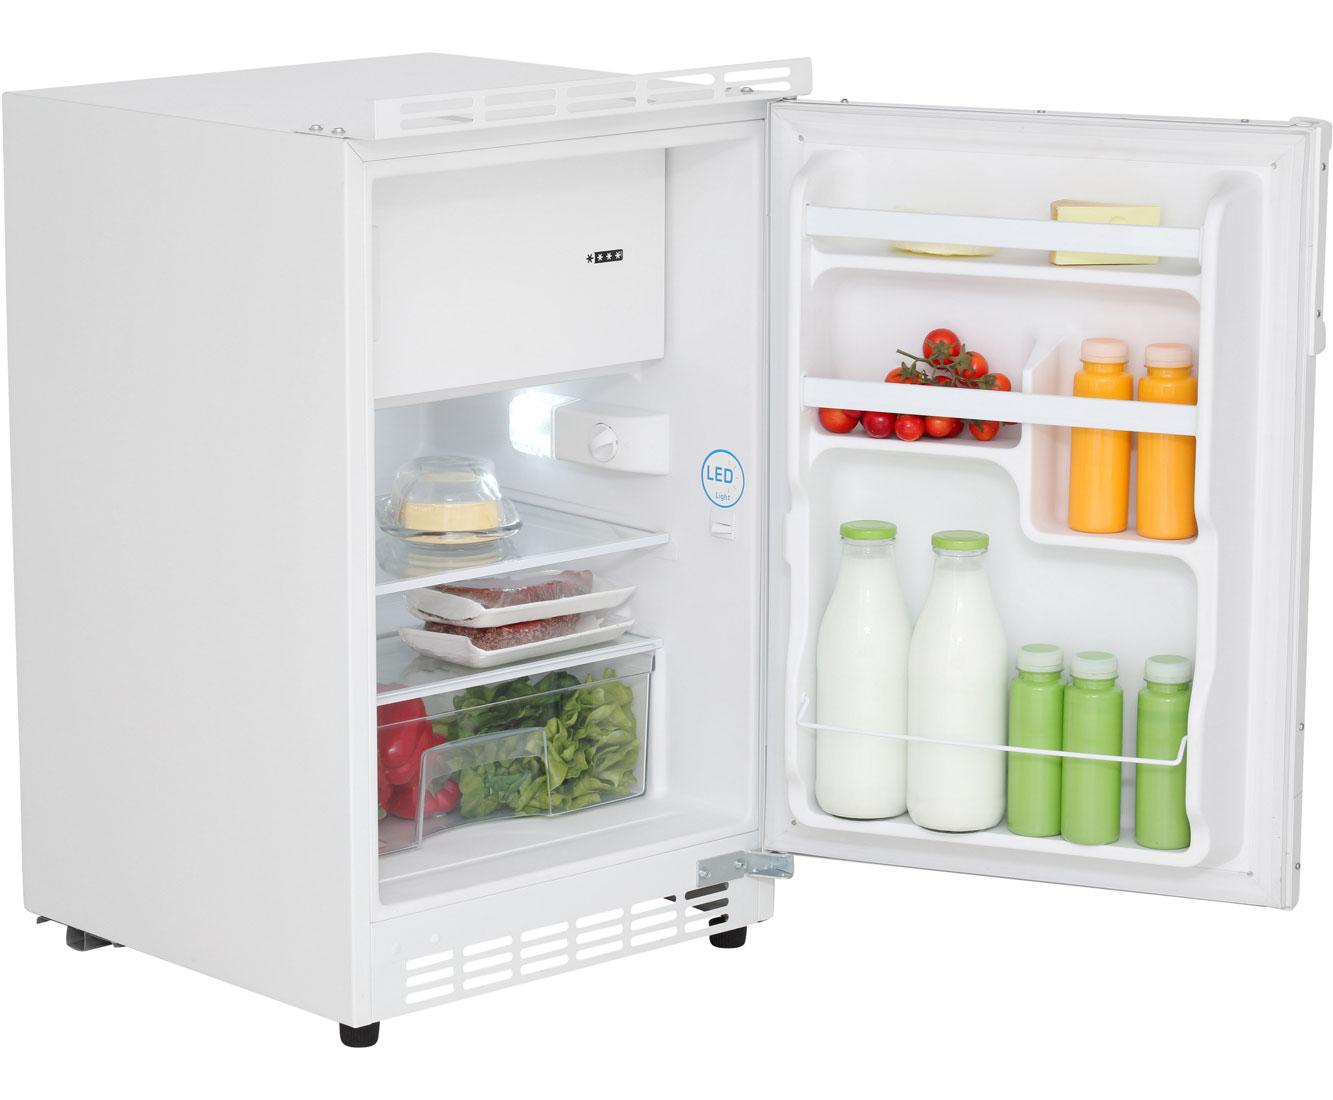 Amica Kühlschrank Ohne Eisfach : Kleiner unterbau kühlschrank ohne gefrierfach smsrayuan